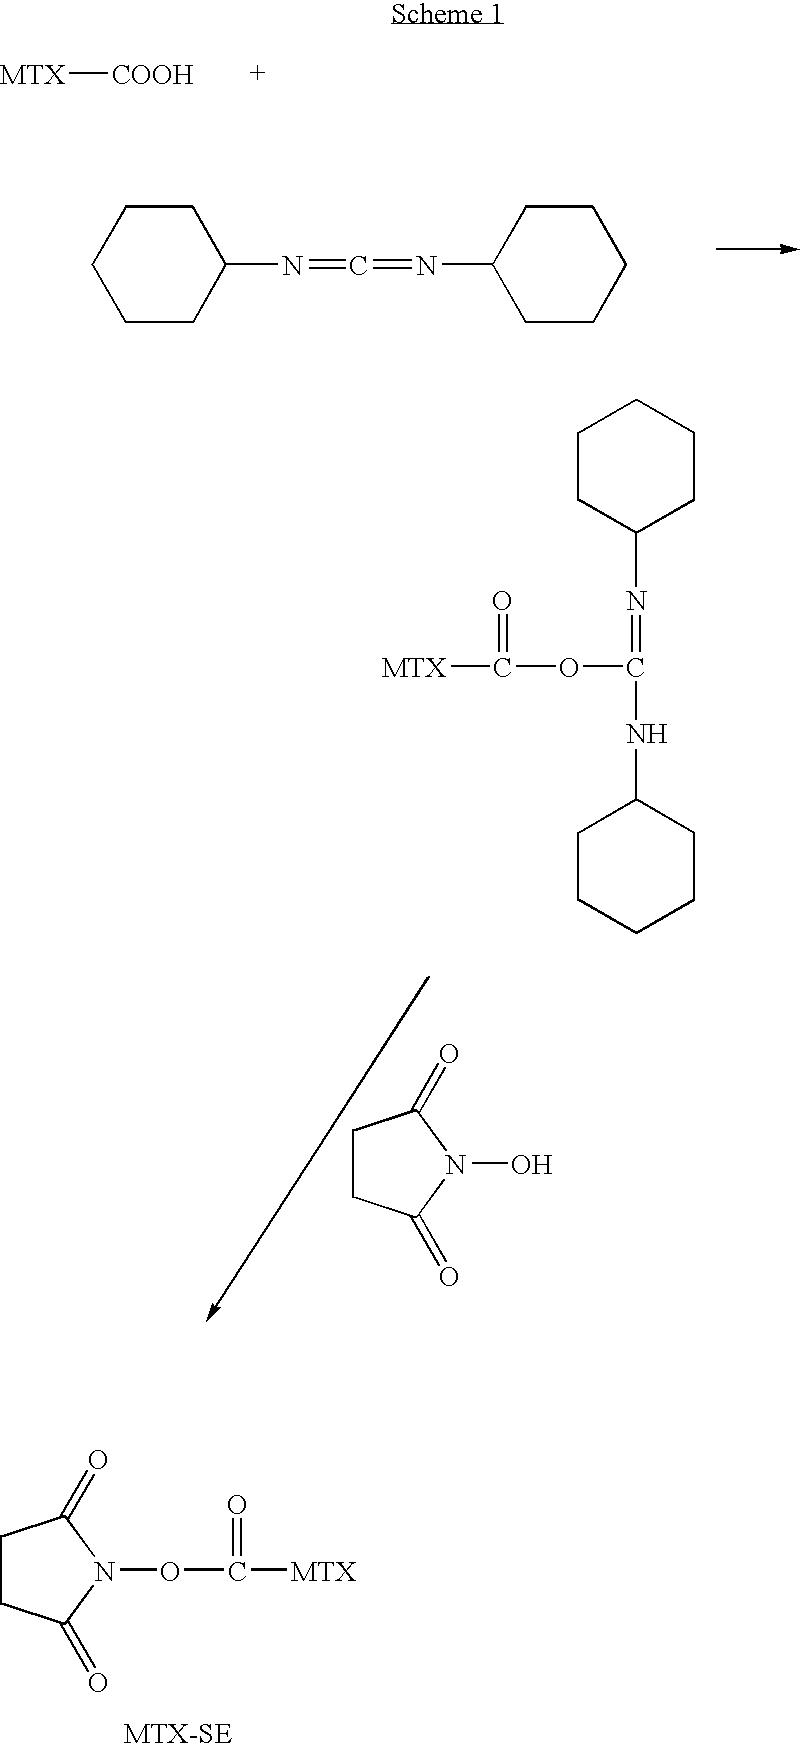 Figure US20060258569A1-20061116-C00013